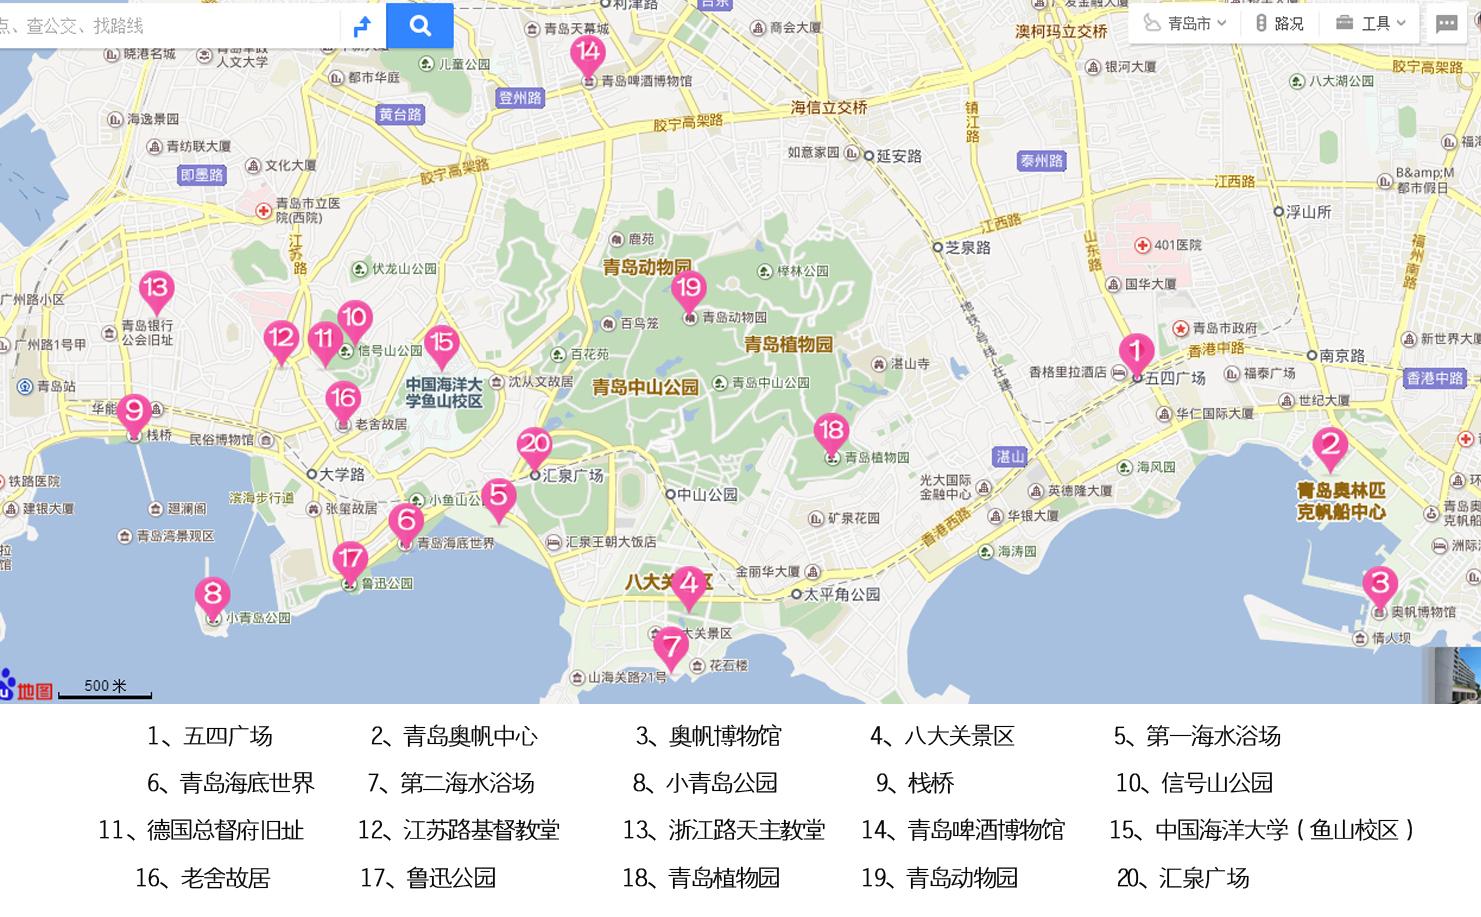 青岛市南区景区地图